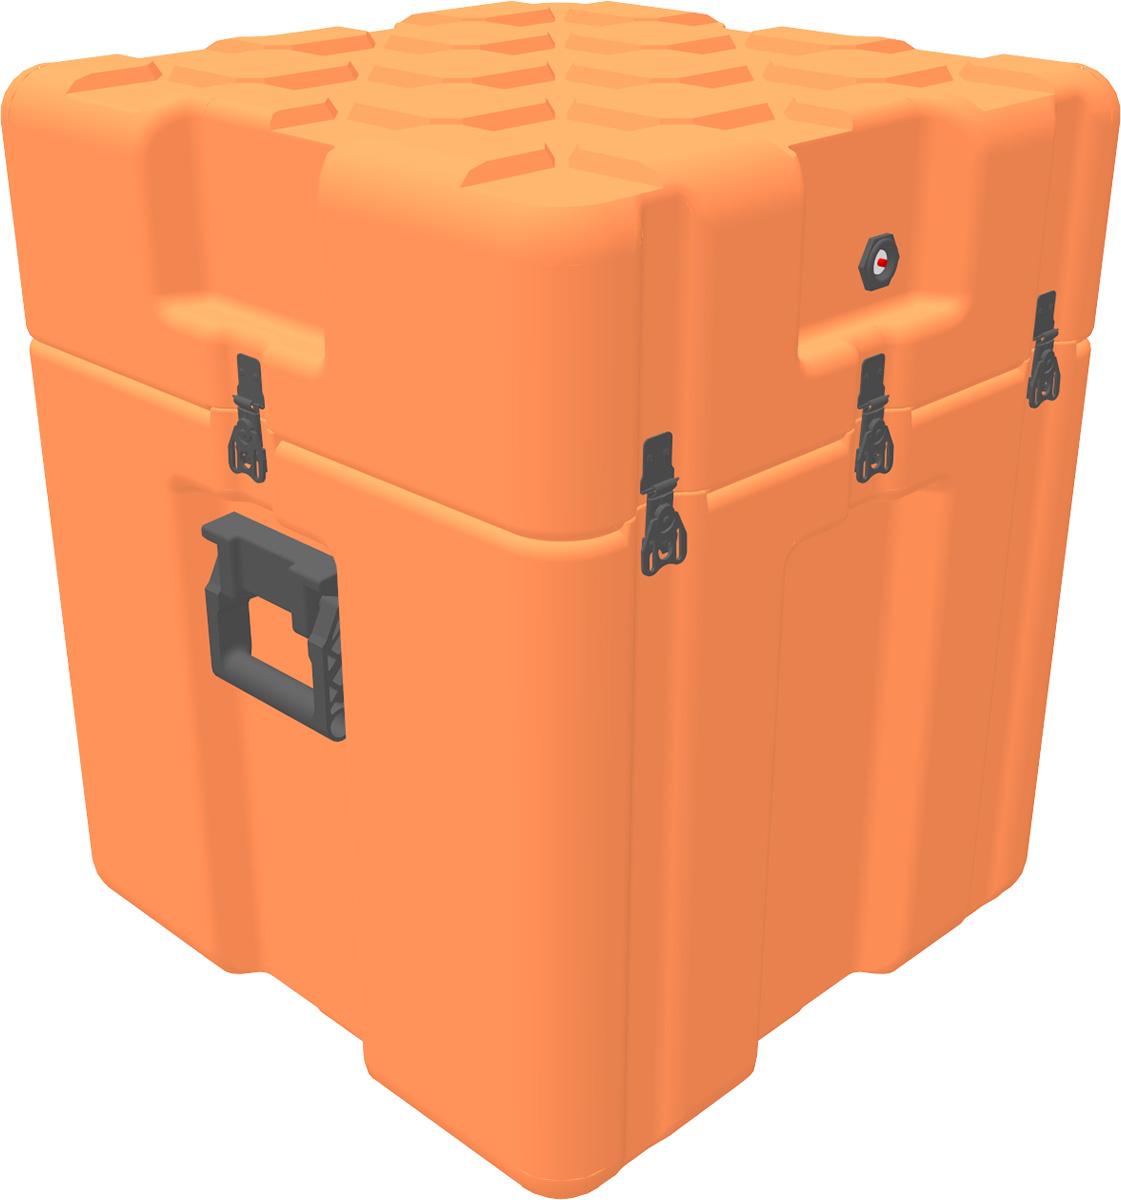 peli eu060060 5020 isp2 shipping case